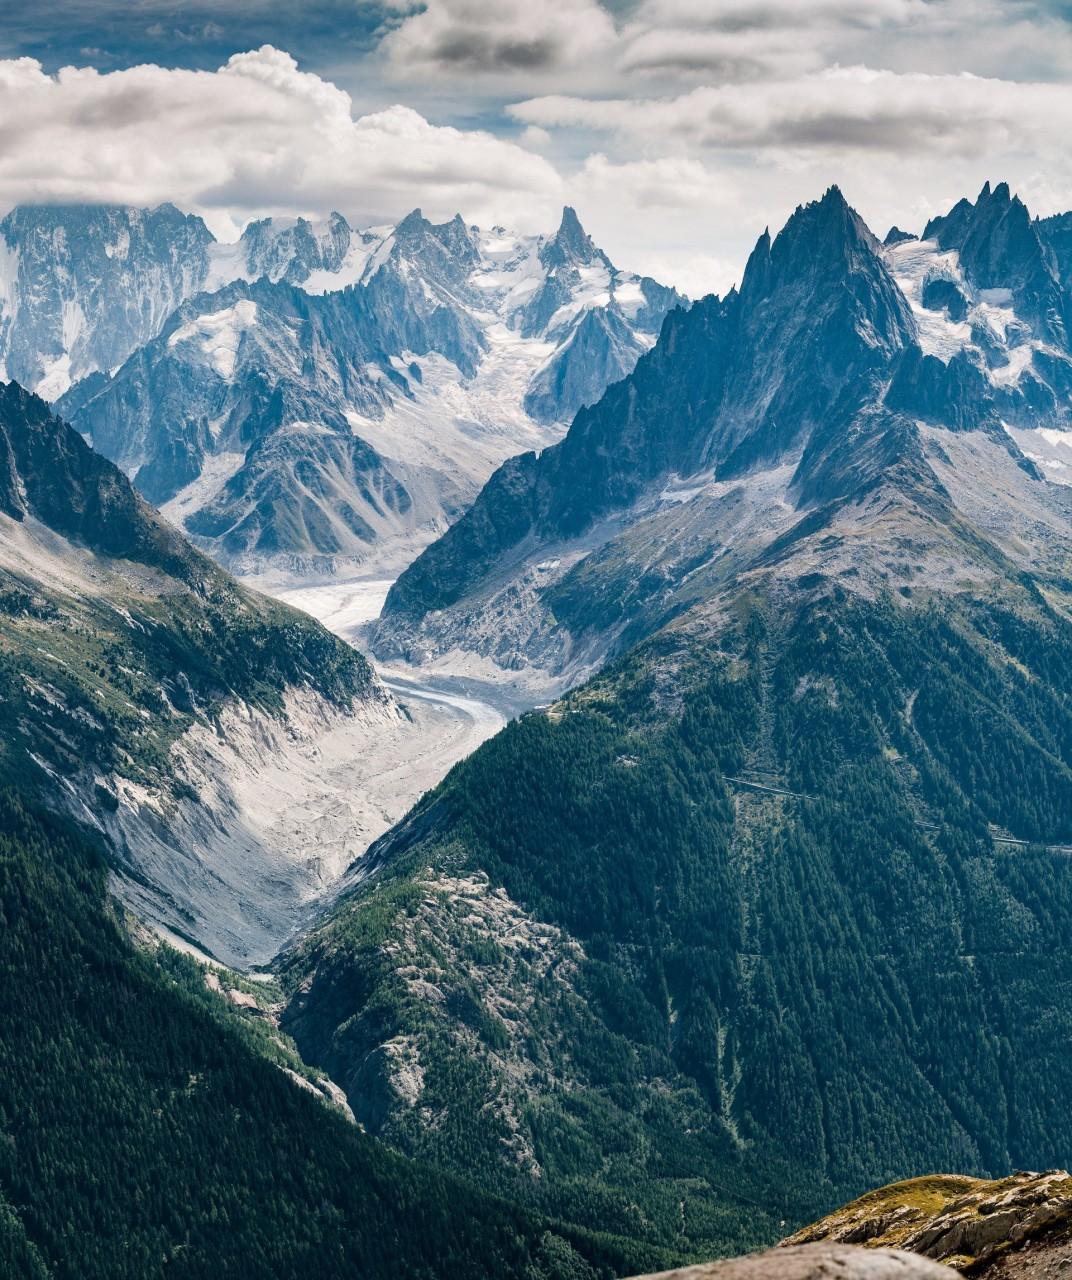 Монблан, Французские Альпы. Фотограф - Симон Фиталь, июль 2018 г. красивые места, красота, ледник, ледники, природа, путешественникам на заметку, туристу на заметку, фото природы